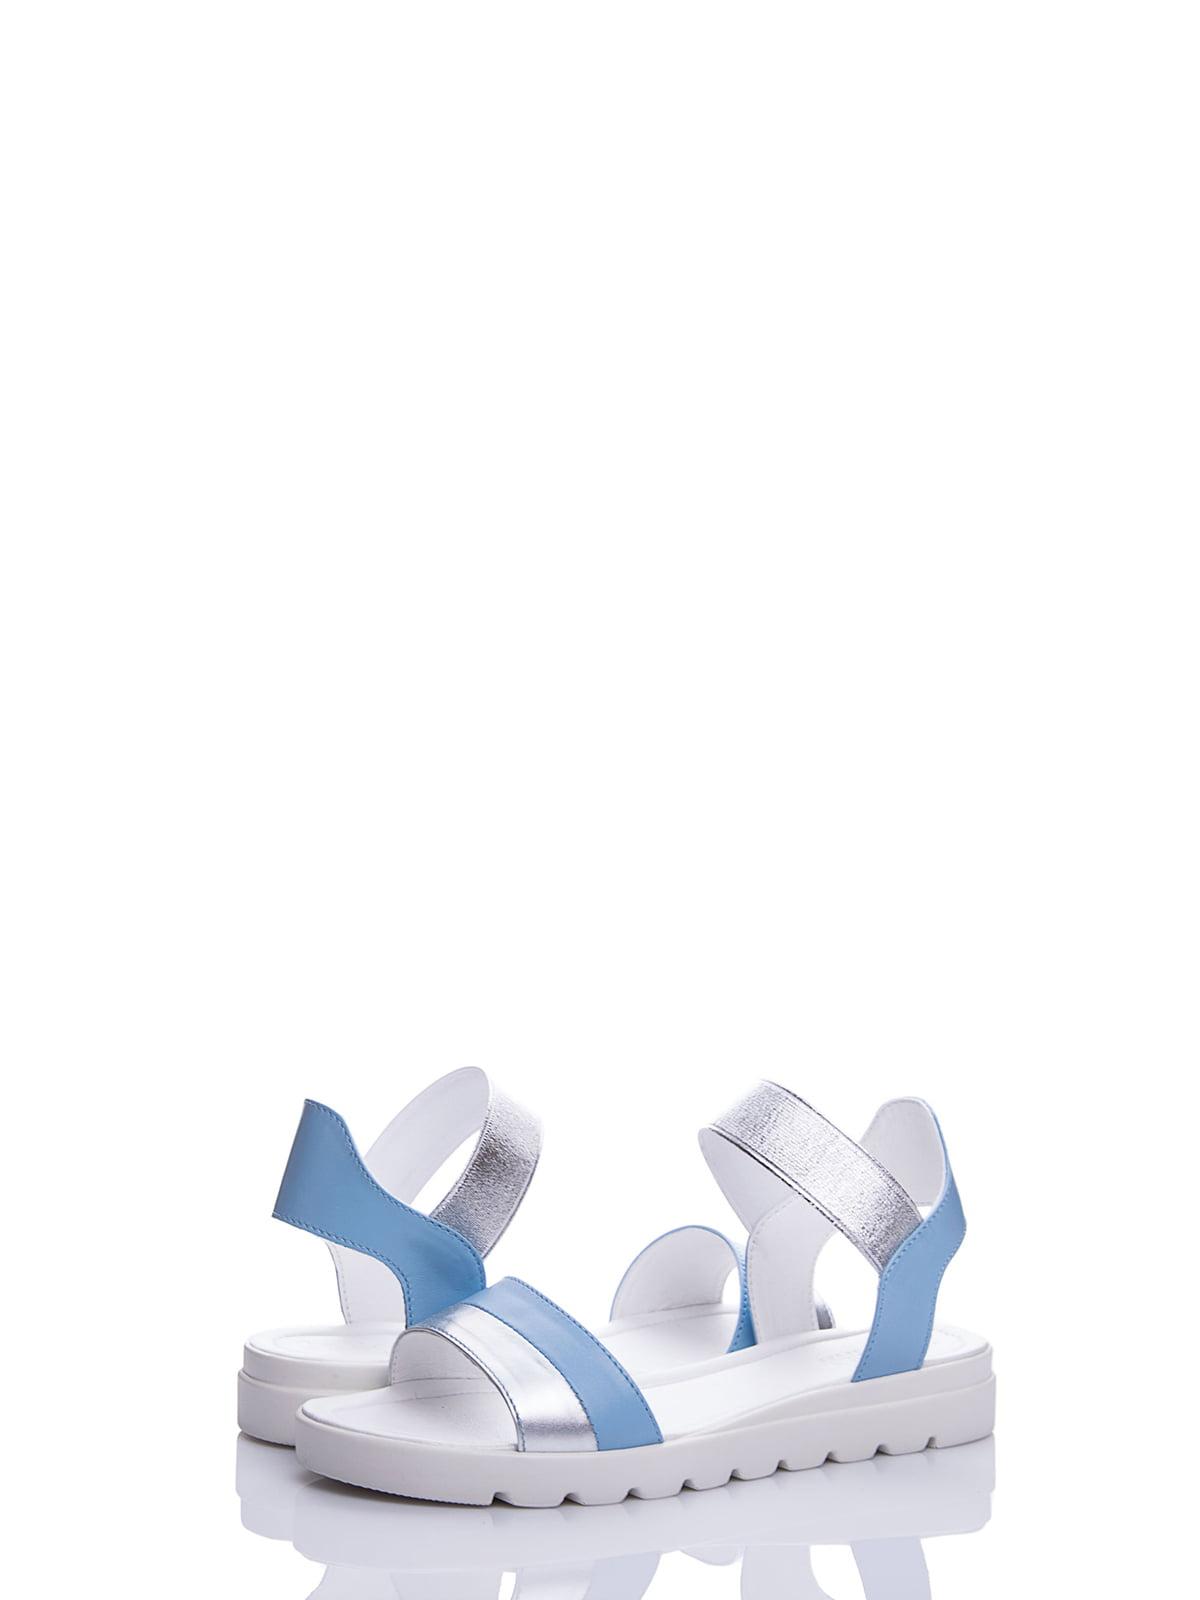 Сандалії блакитні | 4187075 | фото 2